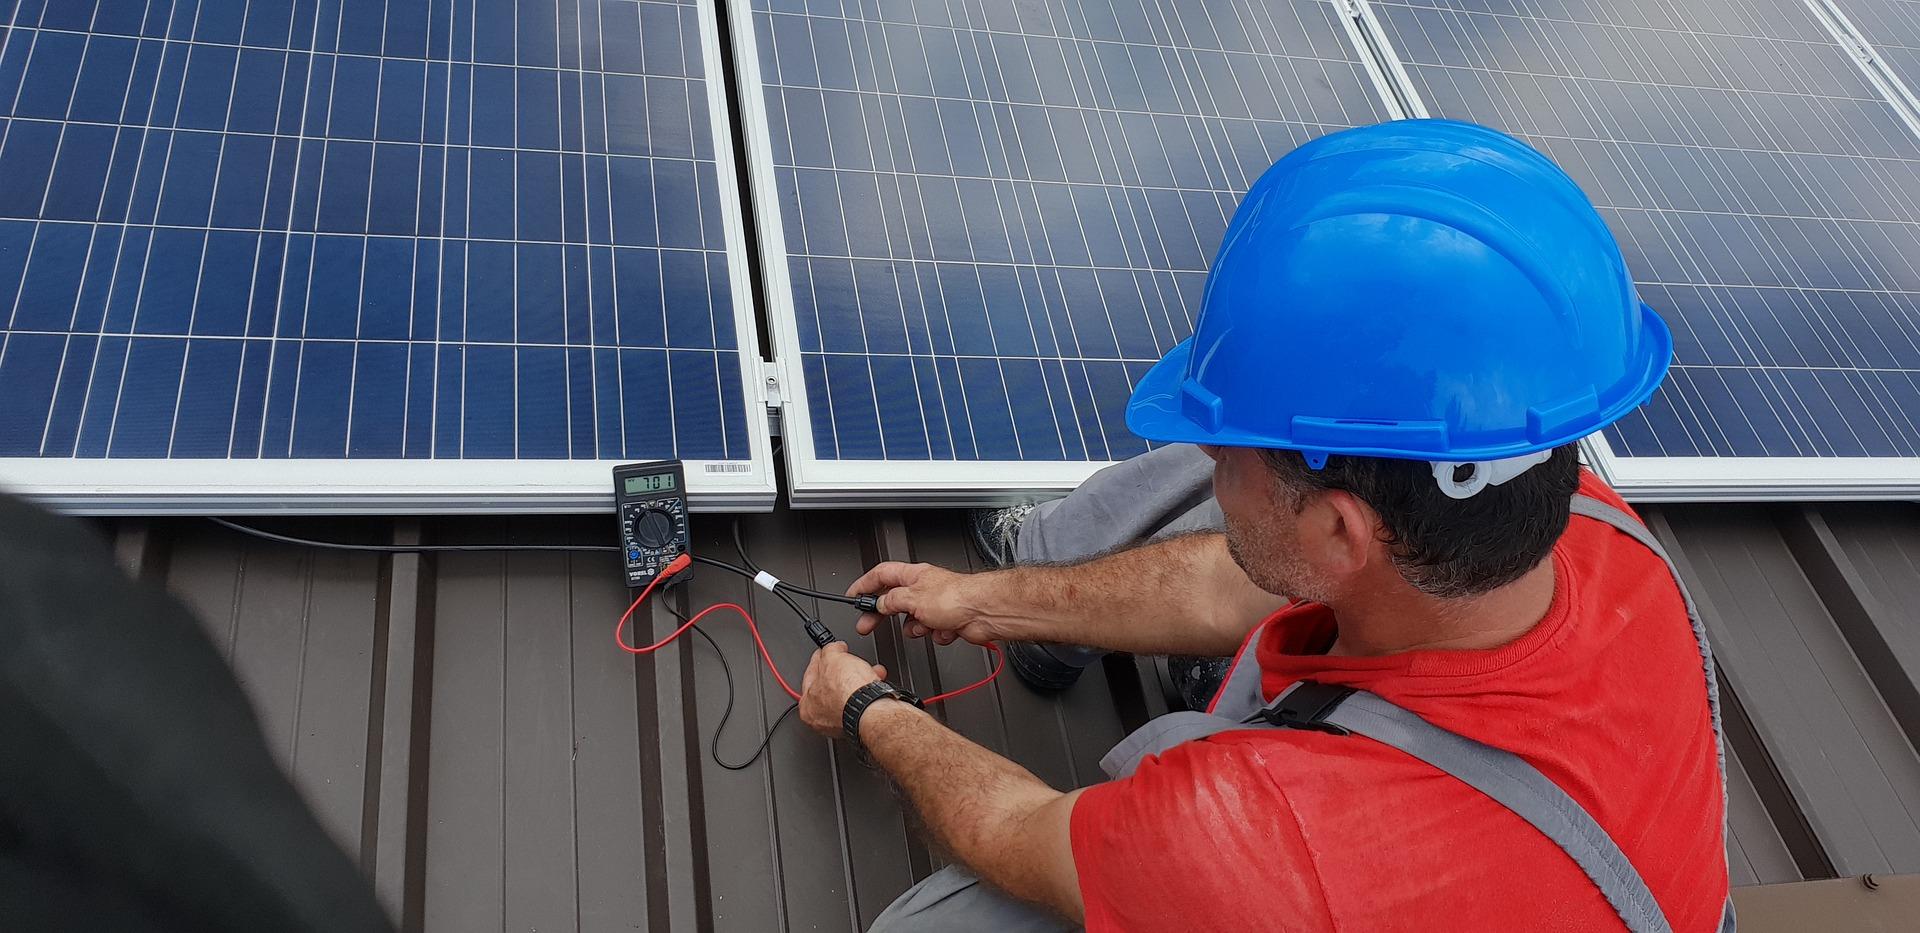 Mától elérhető a karbonmentes, villamosenergia-többlet tárolását segítő pályázat